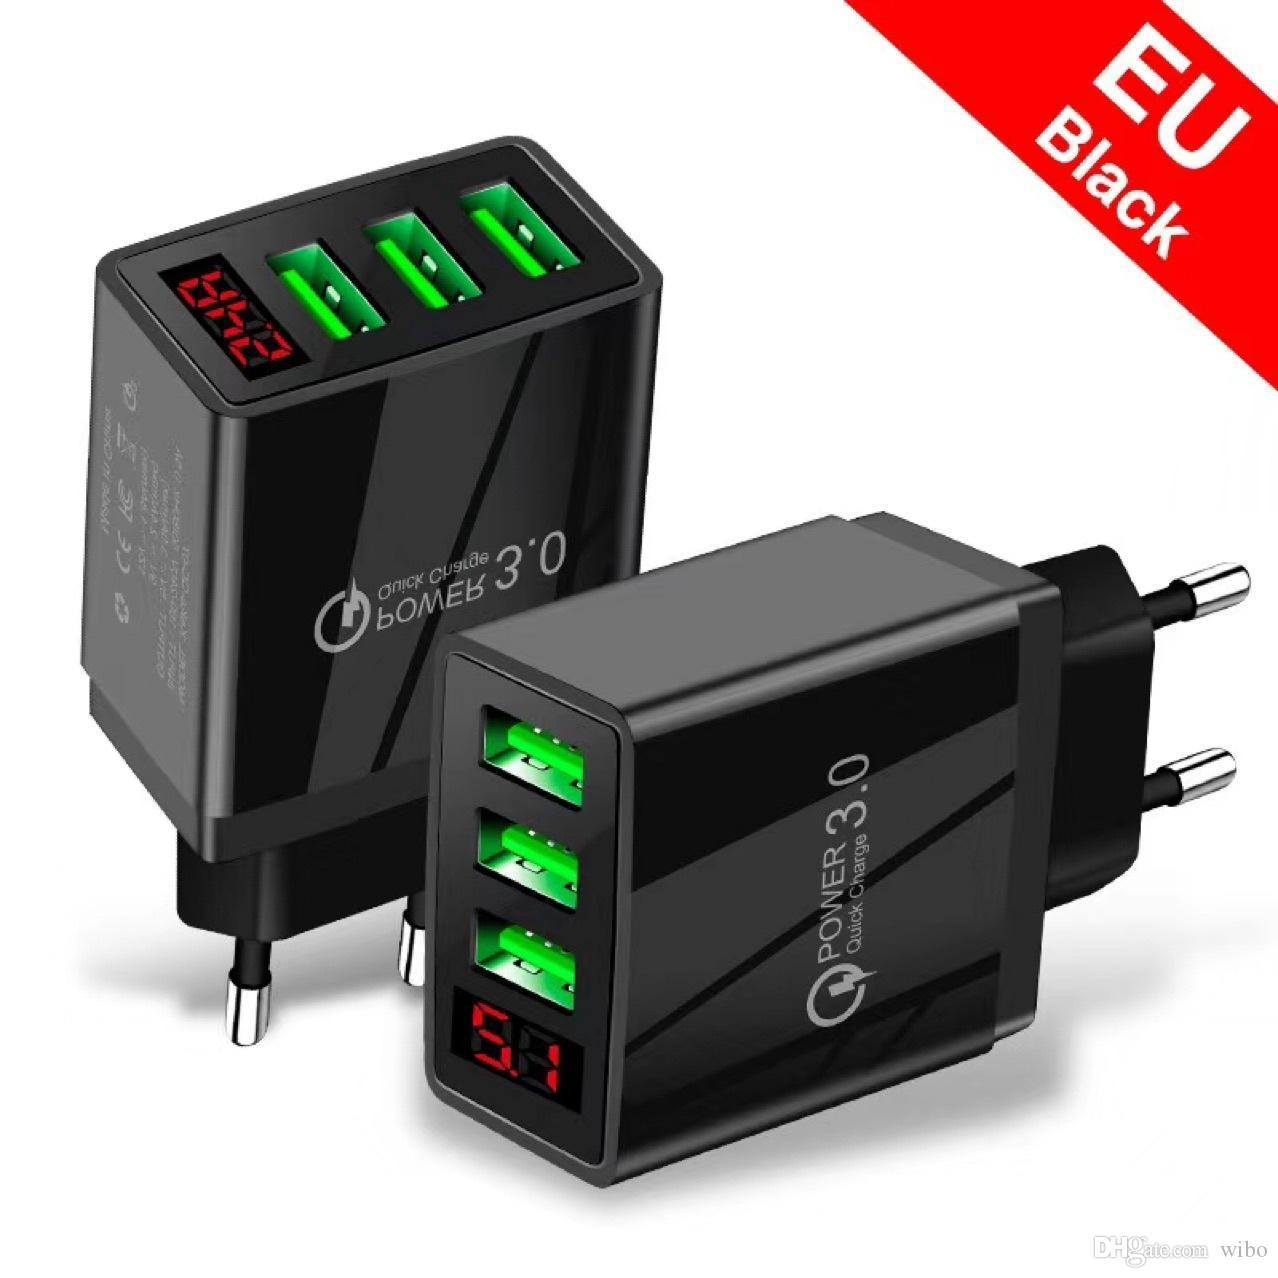 Global Universal 15W 3.1A Быстрое зарядное устройство 3.0 100-240 В перегружается за дополнительную температуру Защита 3USB Порты Светодиодные цифровые зарядки дисплея